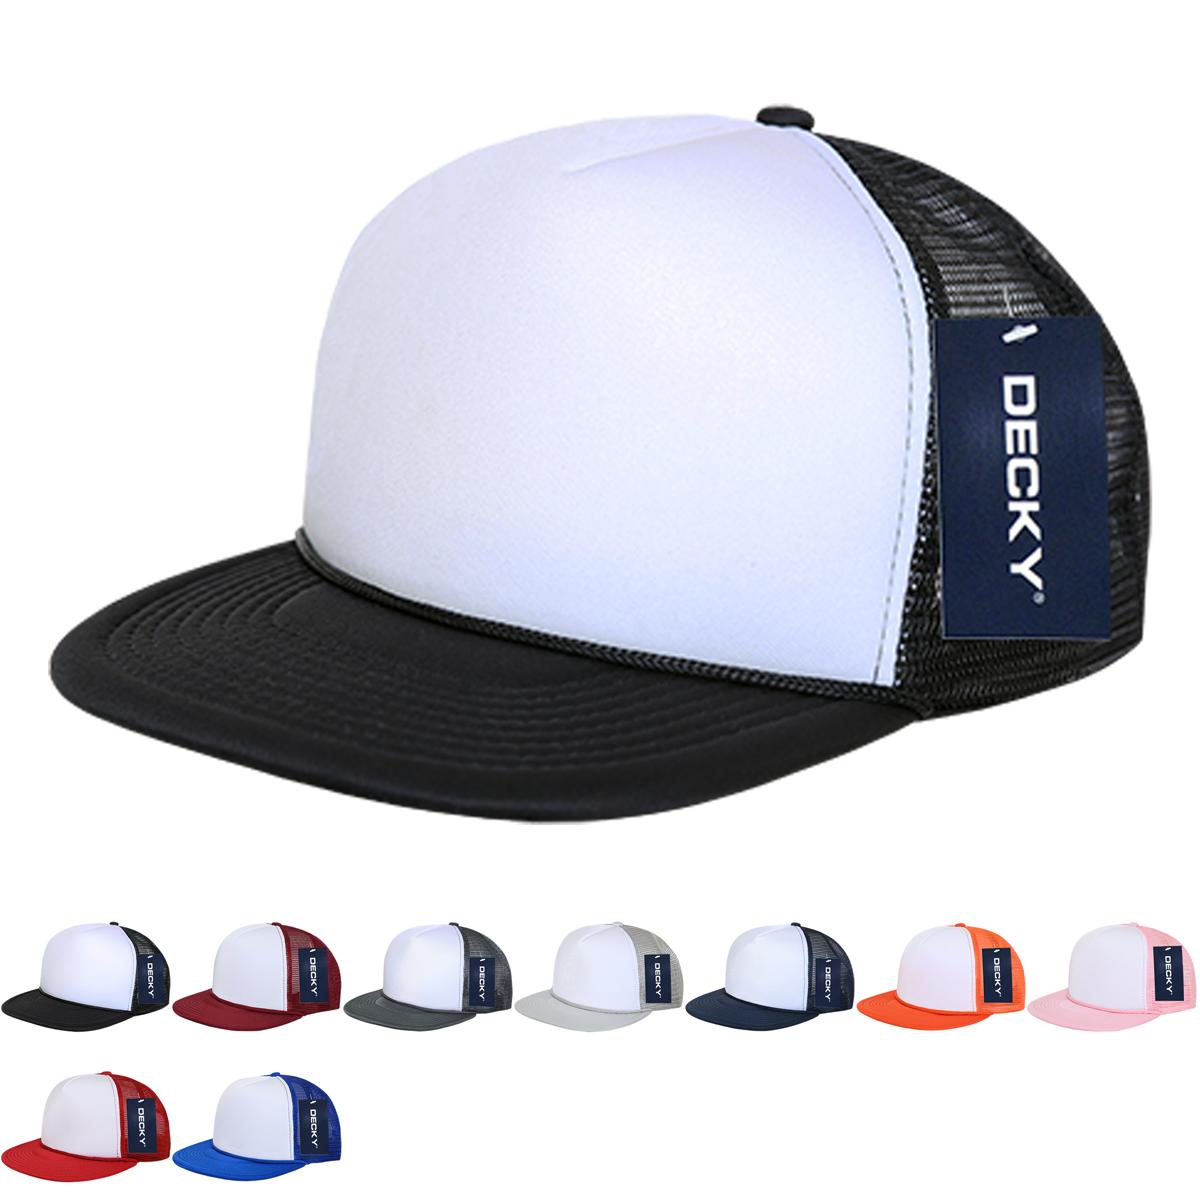 Wholesale Blank 2 Tone Trucker Foam Mesh Snapback Flat Bill Hats Decky 224 Flat Bill Hats Wholesale Blanks Trucker